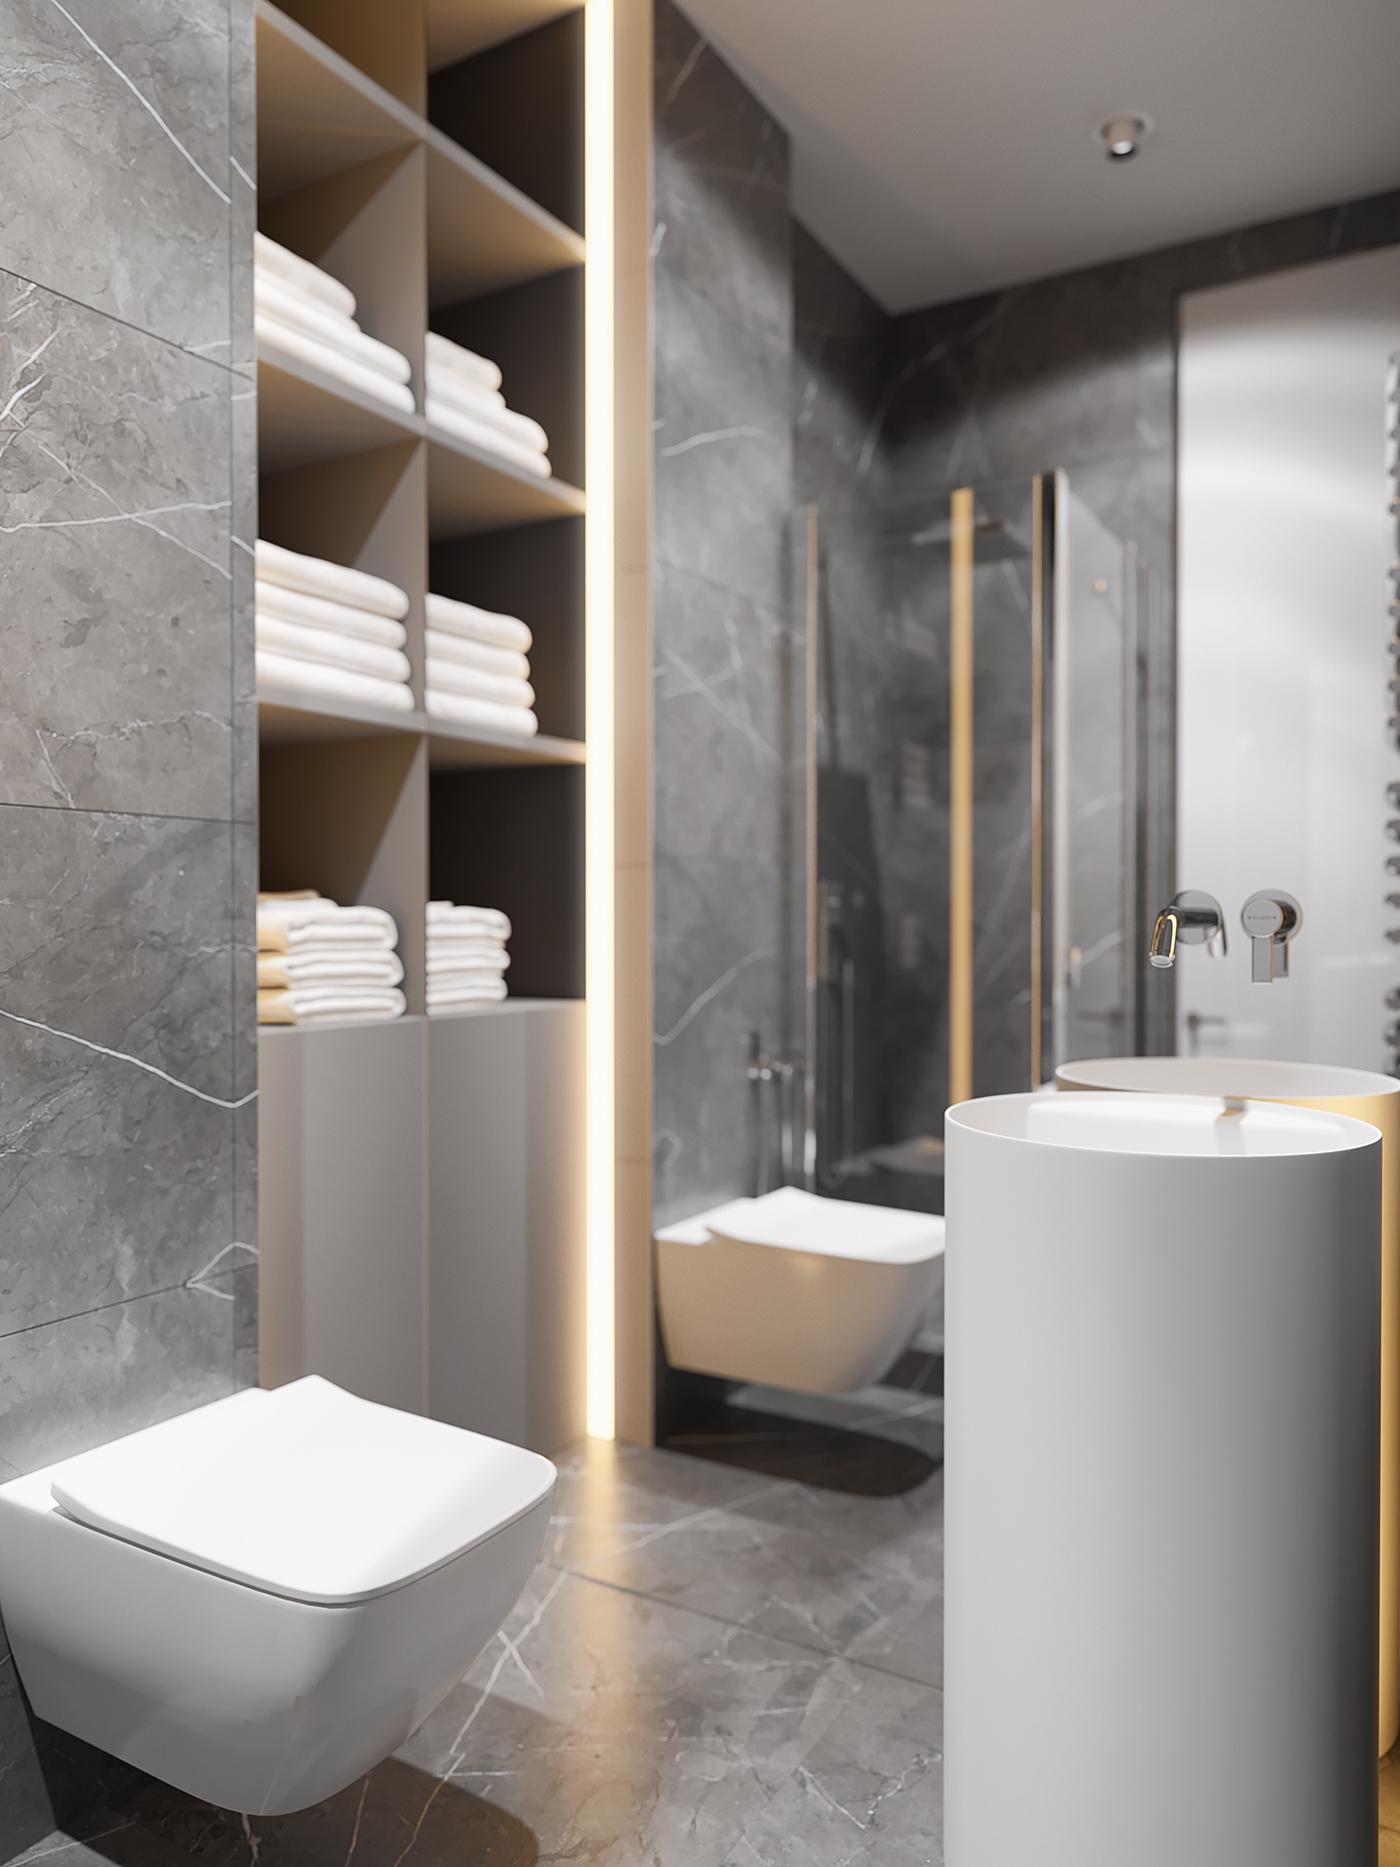 Moderne luxe badkamer met marmeren tegels badkamers voorbeelden - Moderne luxe badkamer ...